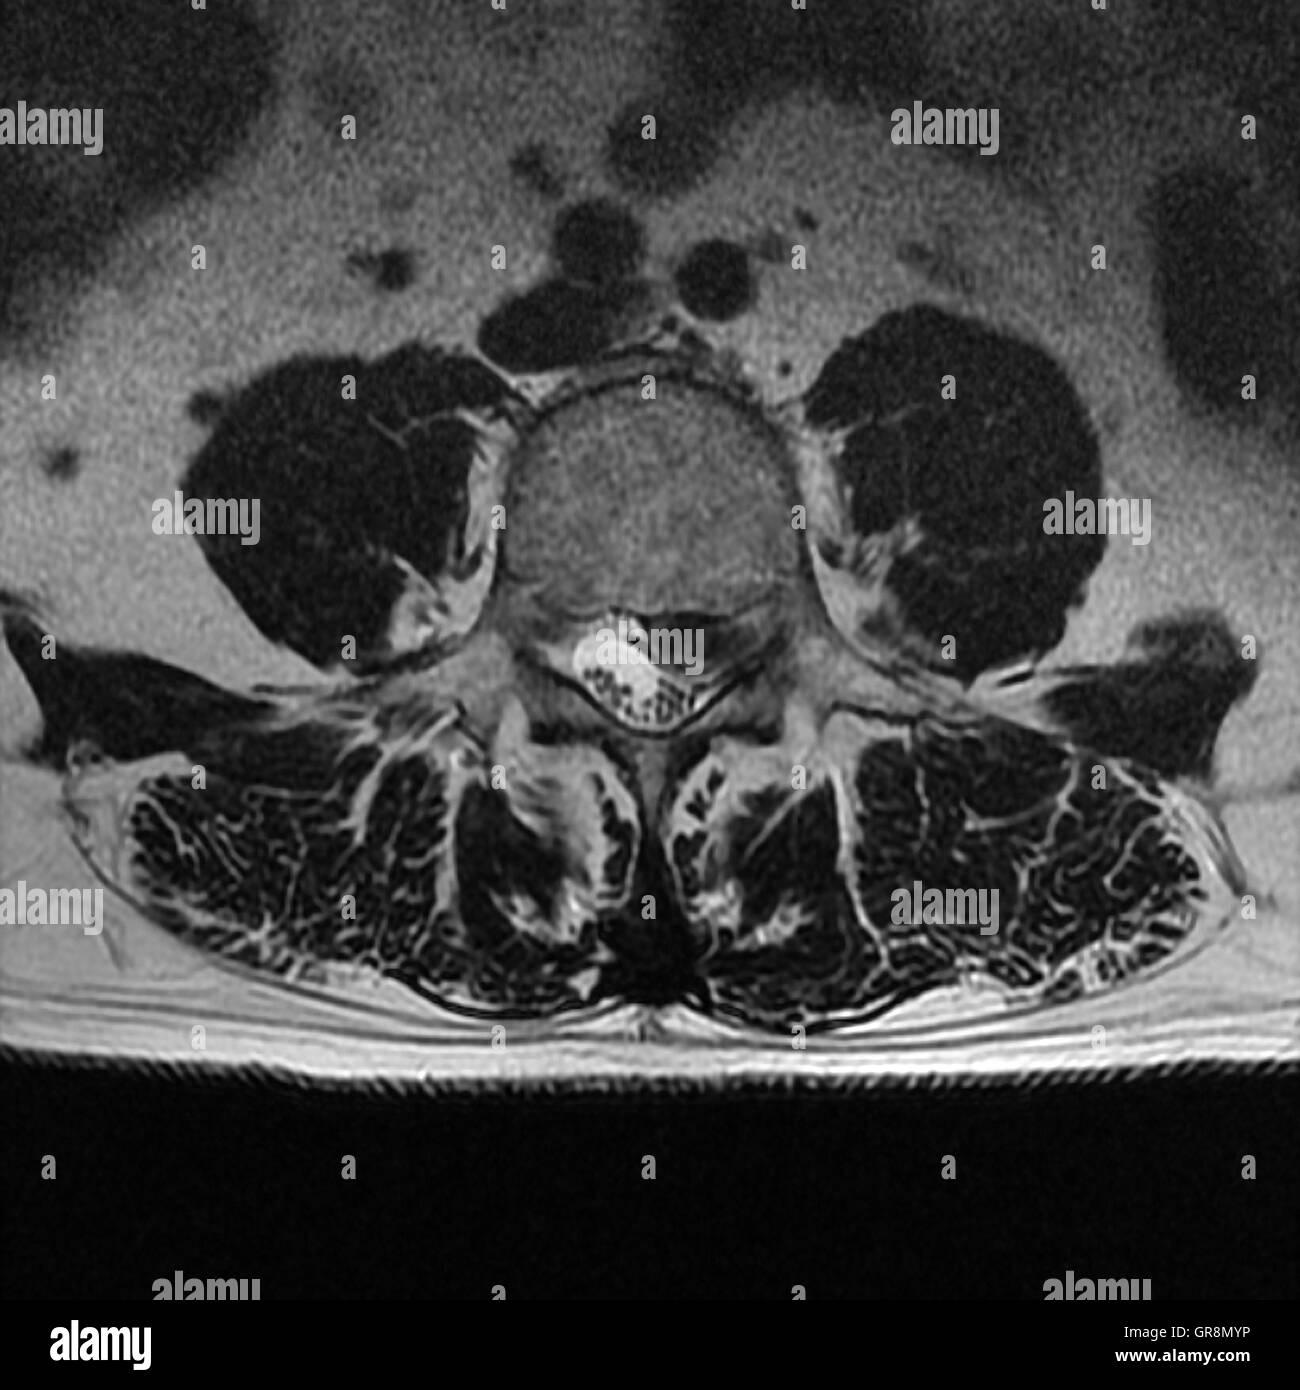 Disk Herniation Lumbar Spine Stock Photos & Disk Herniation Lumbar ...